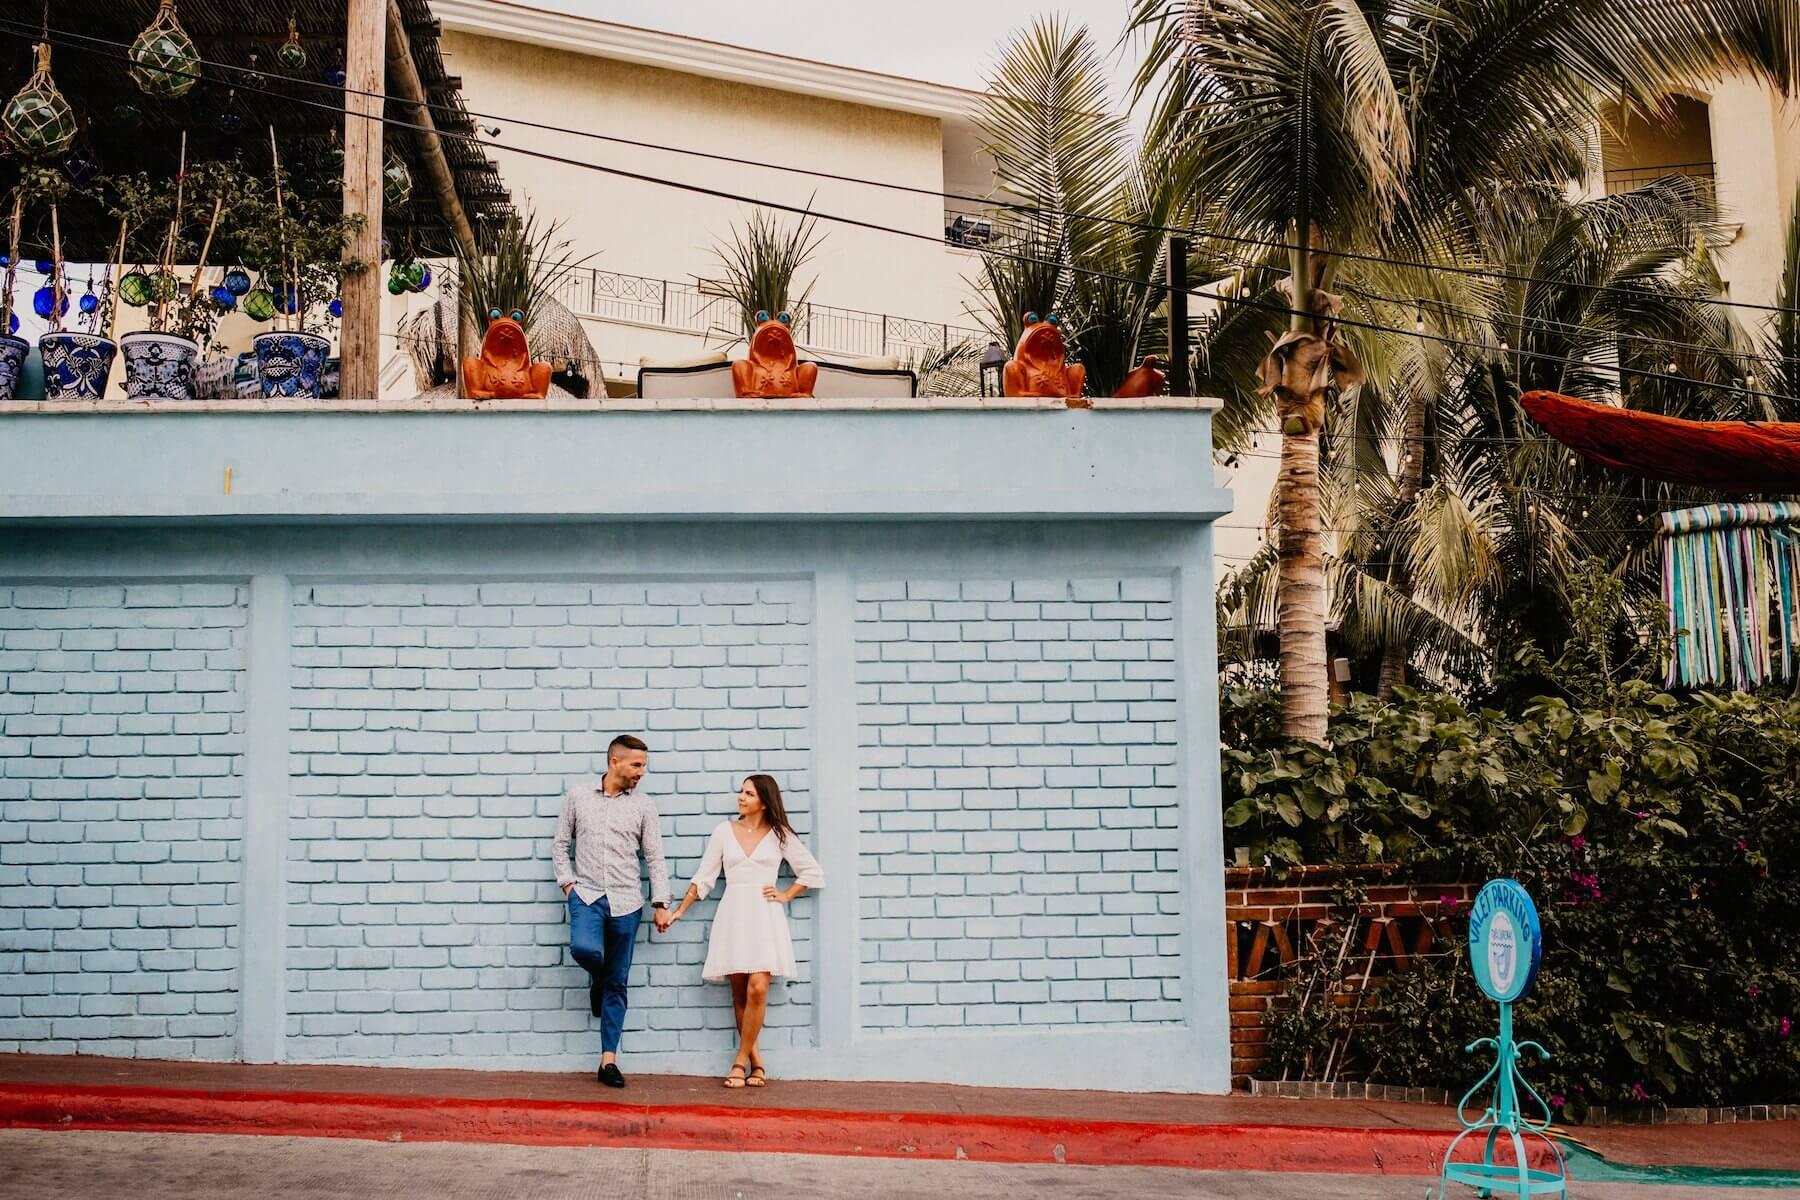 Couples trip in Cabo San Lucas, Mexico